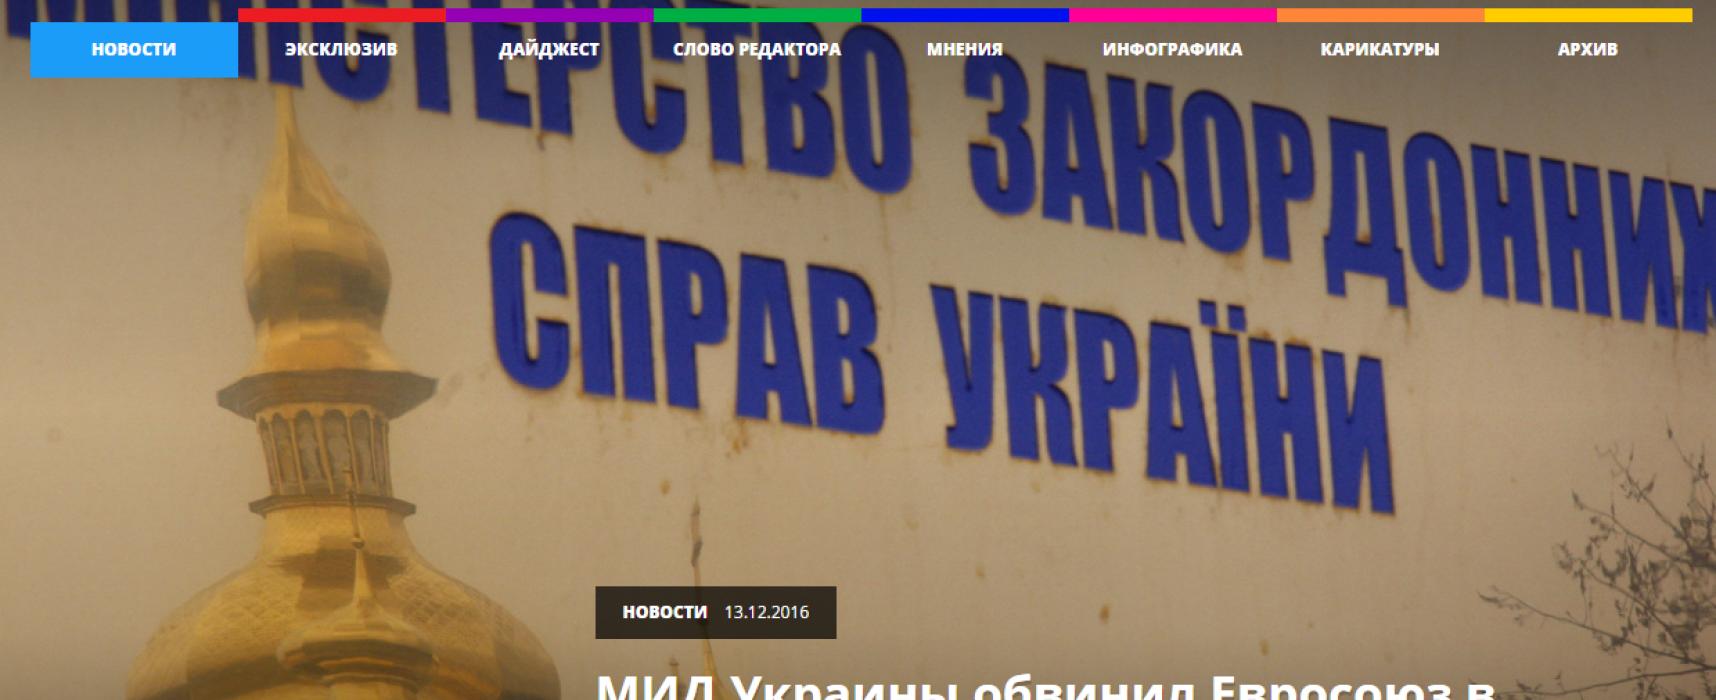 Ucraina: Il Ministero degli Esteri ha accusato l'UE di tradimento (Fake)